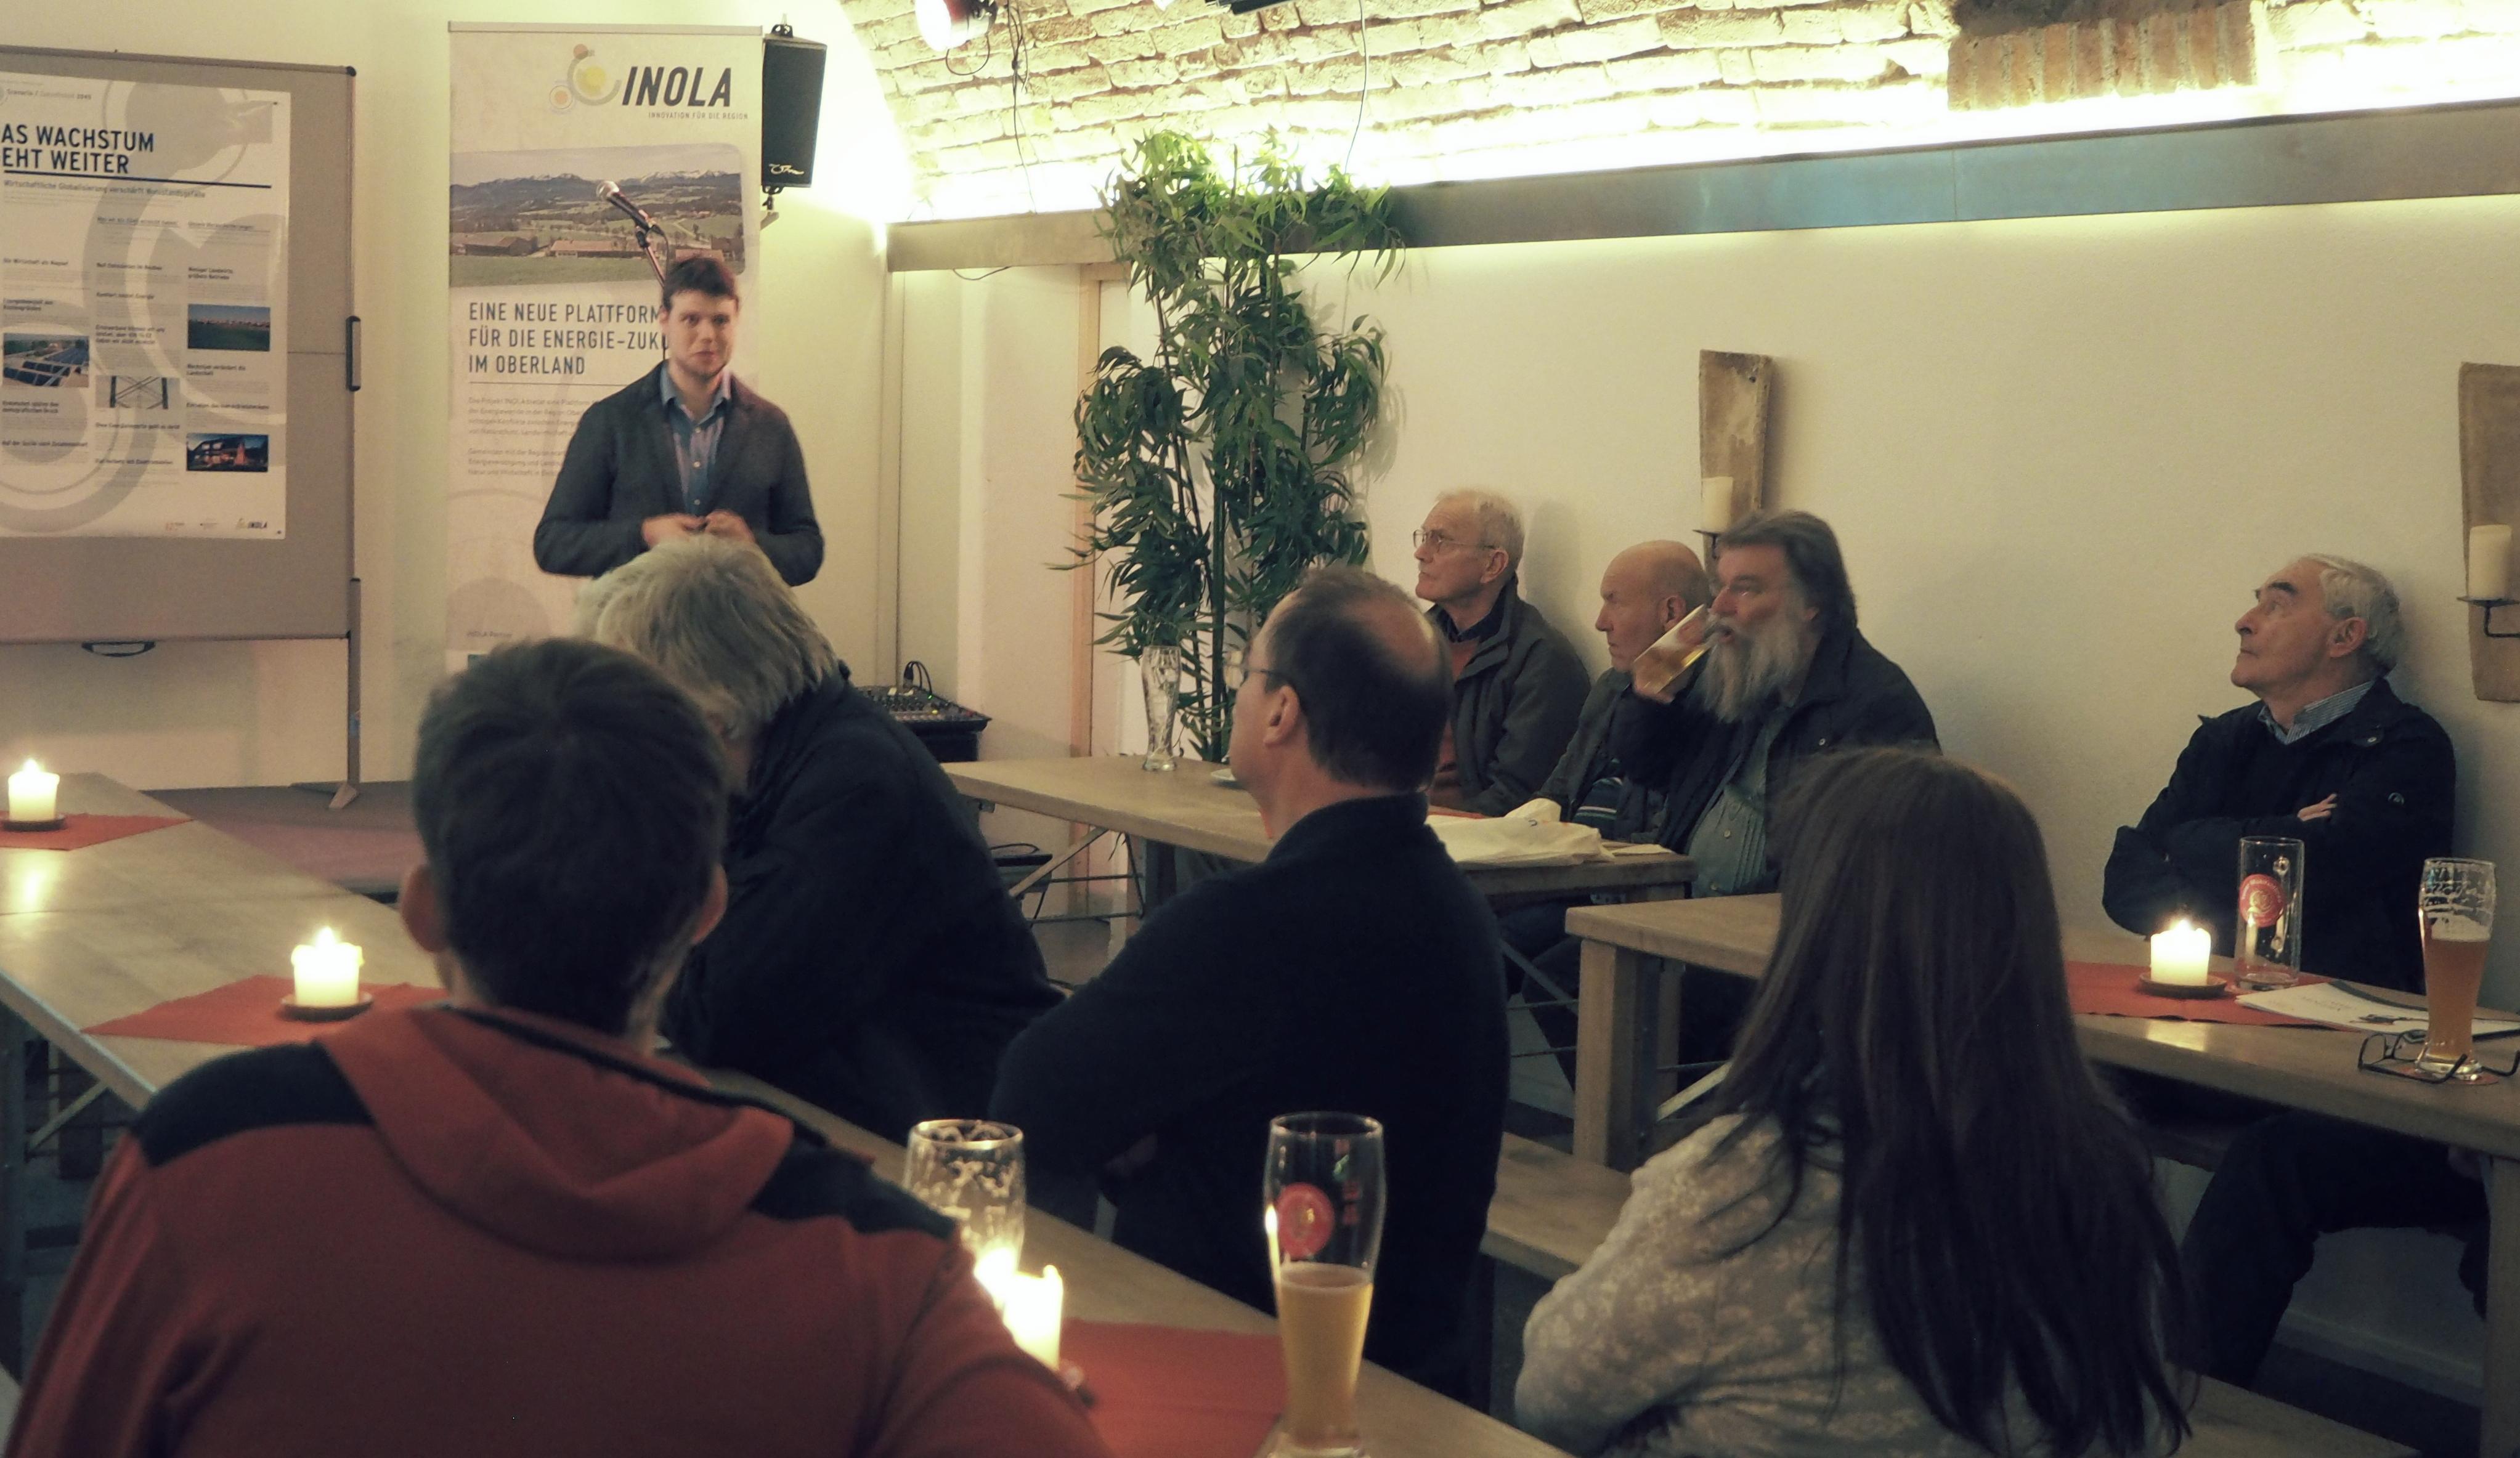 100 Prozent Erneuerbare Energie im Oberland - Projekt INOLA zeigt Entwicklungspfade der Energiewende